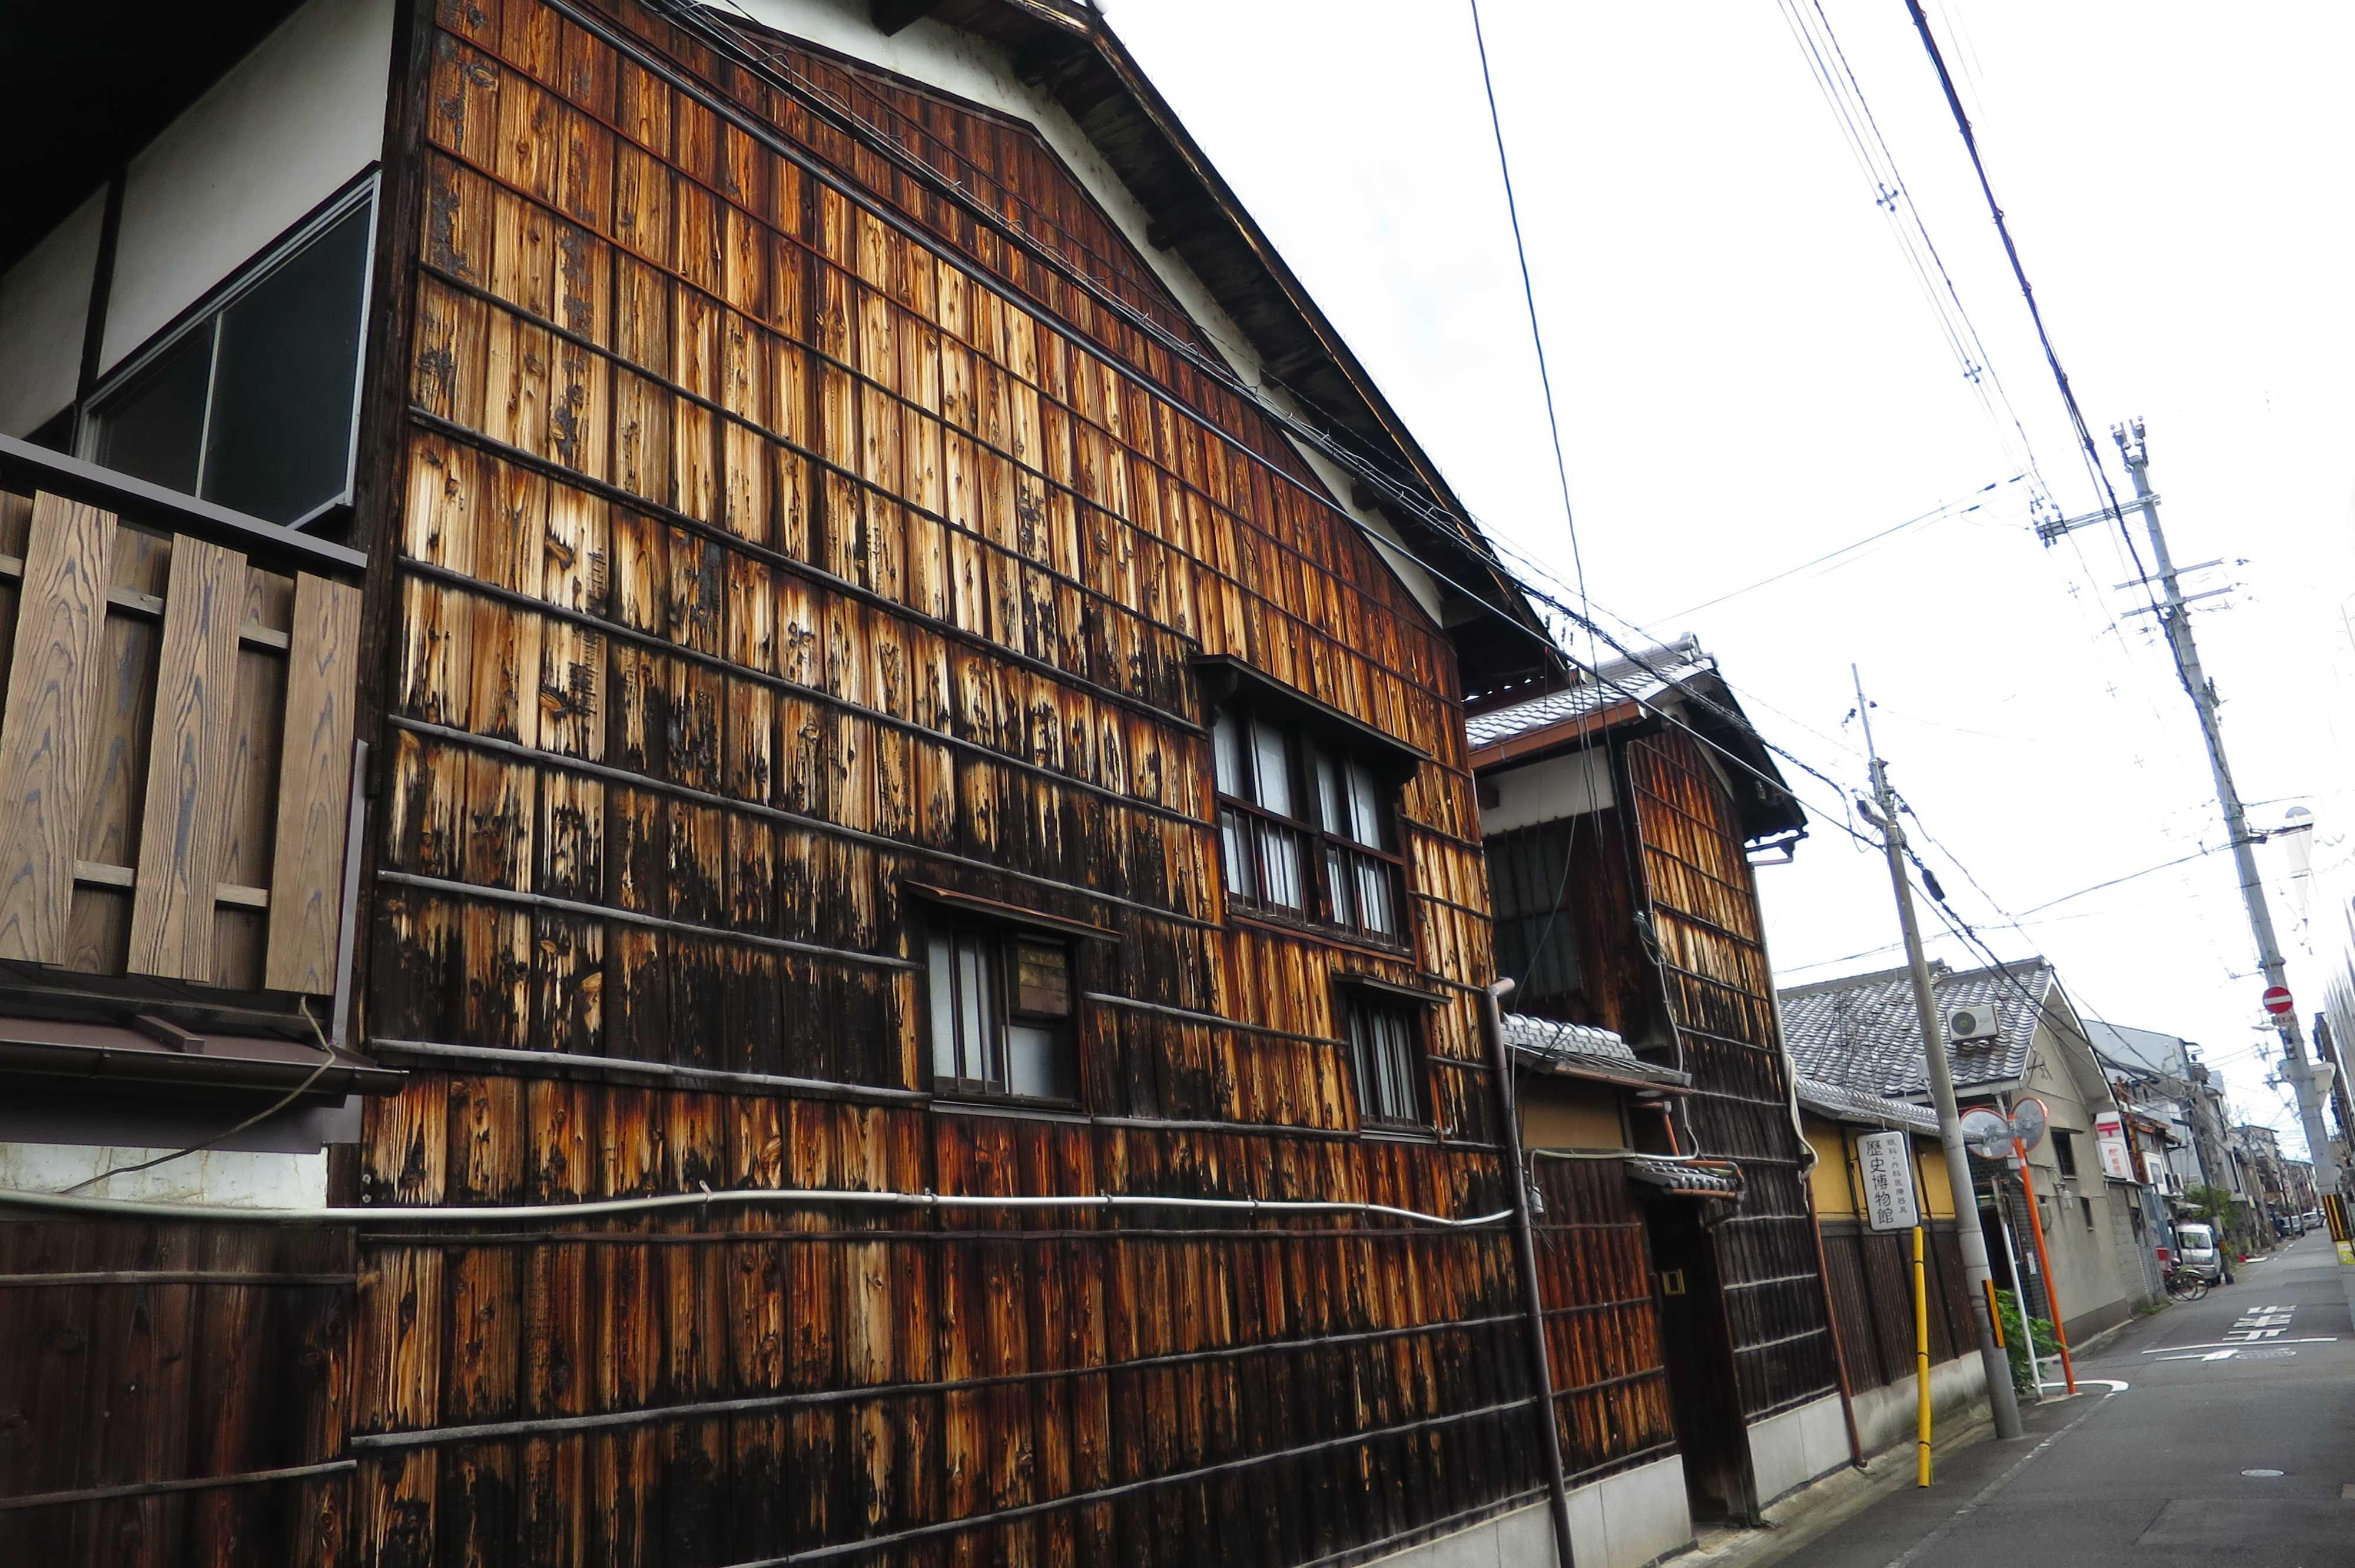 京都・五条楽園 - 眼科外科医療歴史博物館(焼杉板の家)